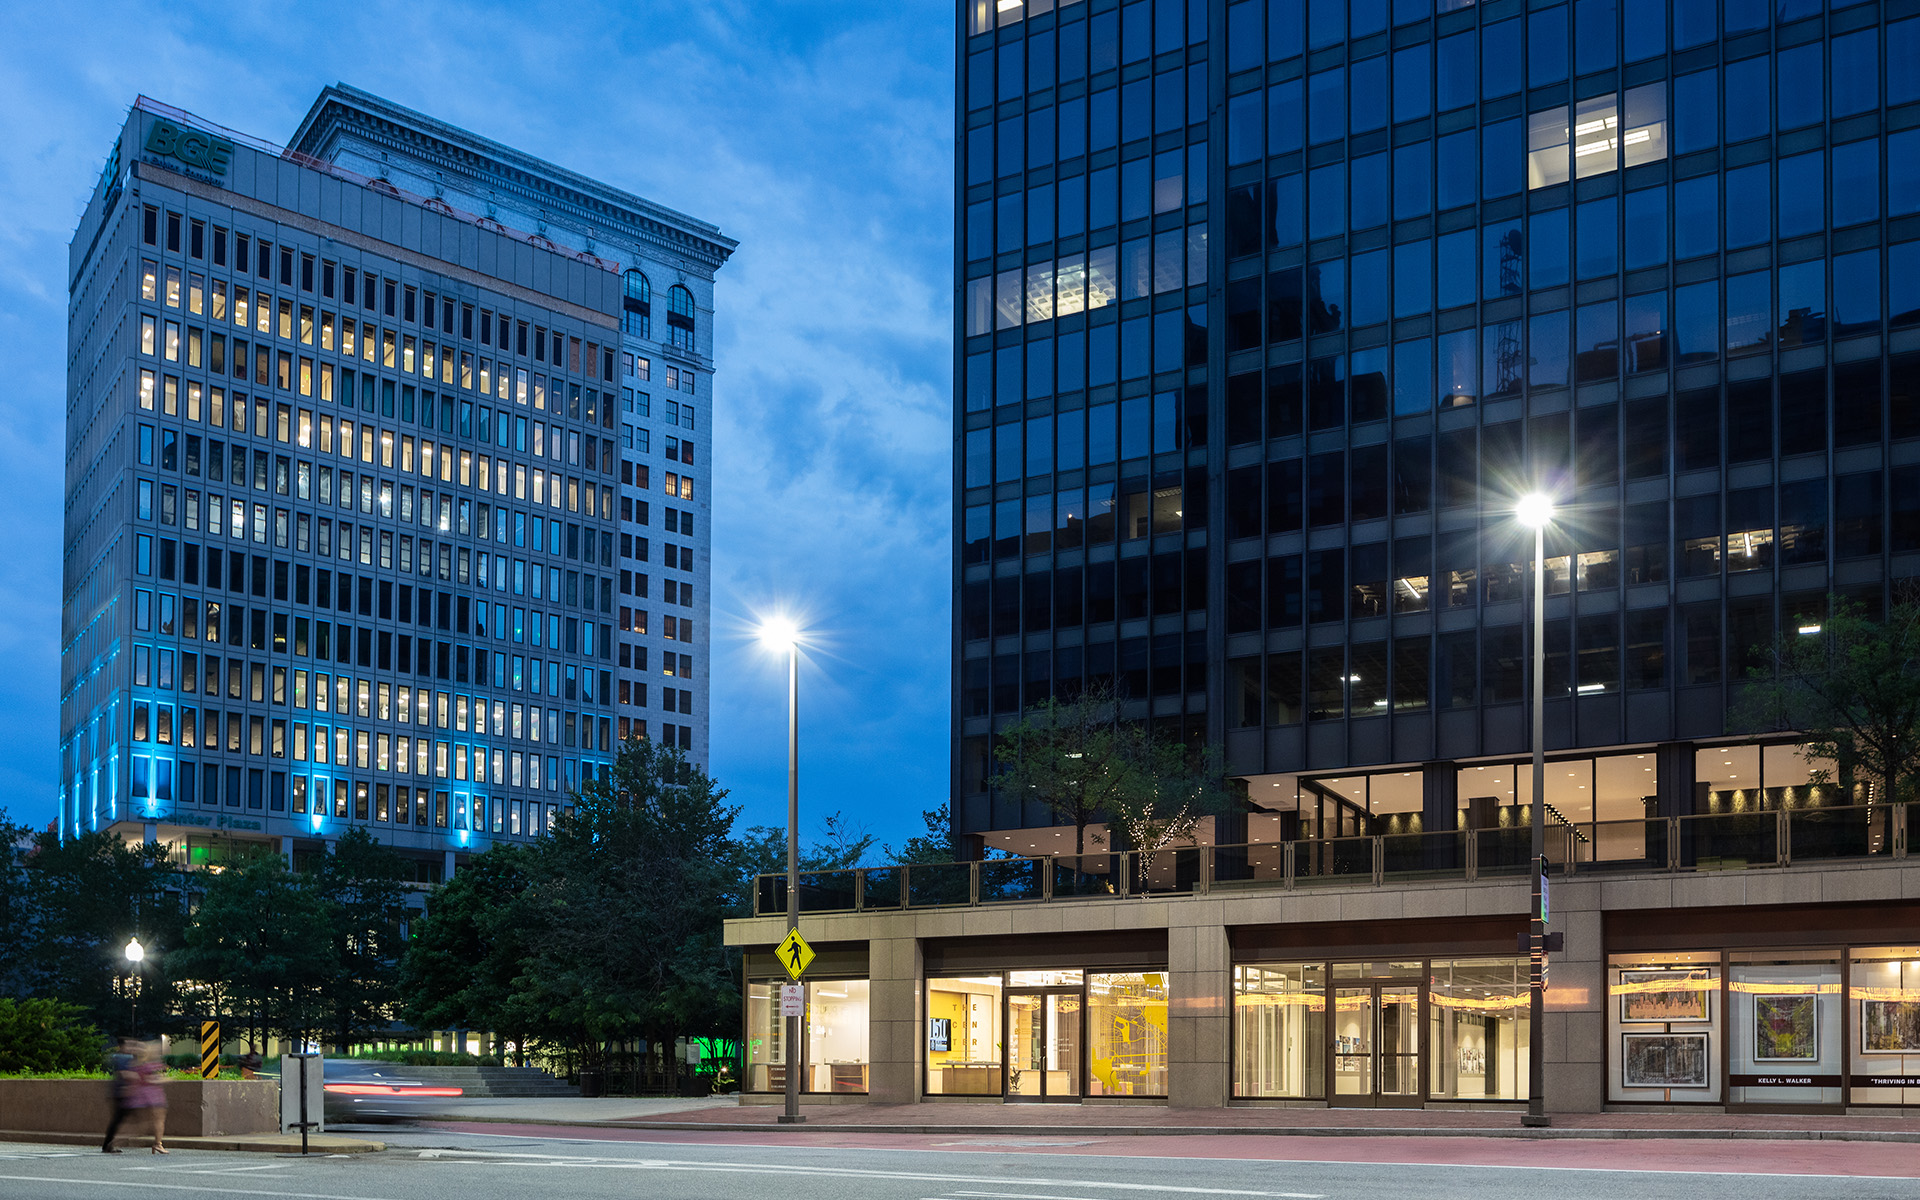 The Center for Architecture & Design